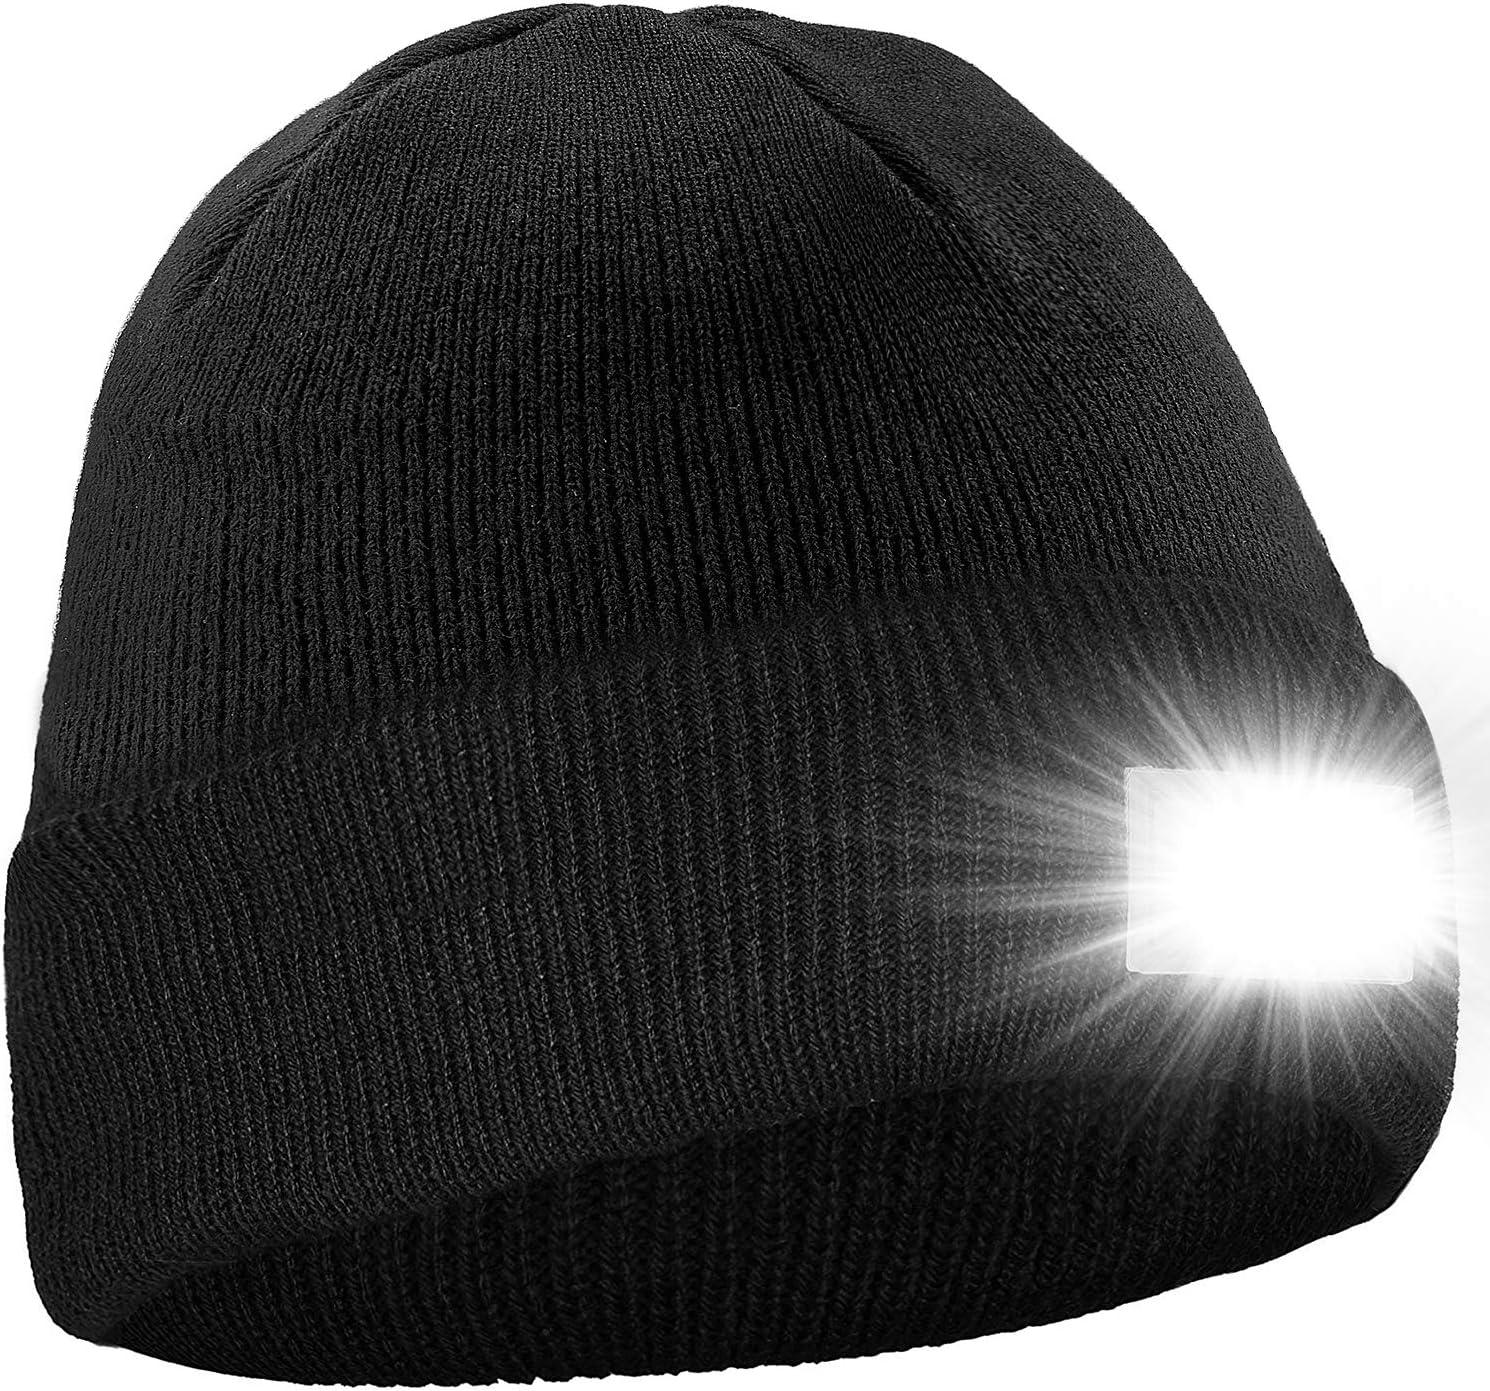 Ultra weicher LED Beanie Hut beleuchtet Hände frei Scheinwerfer Cap